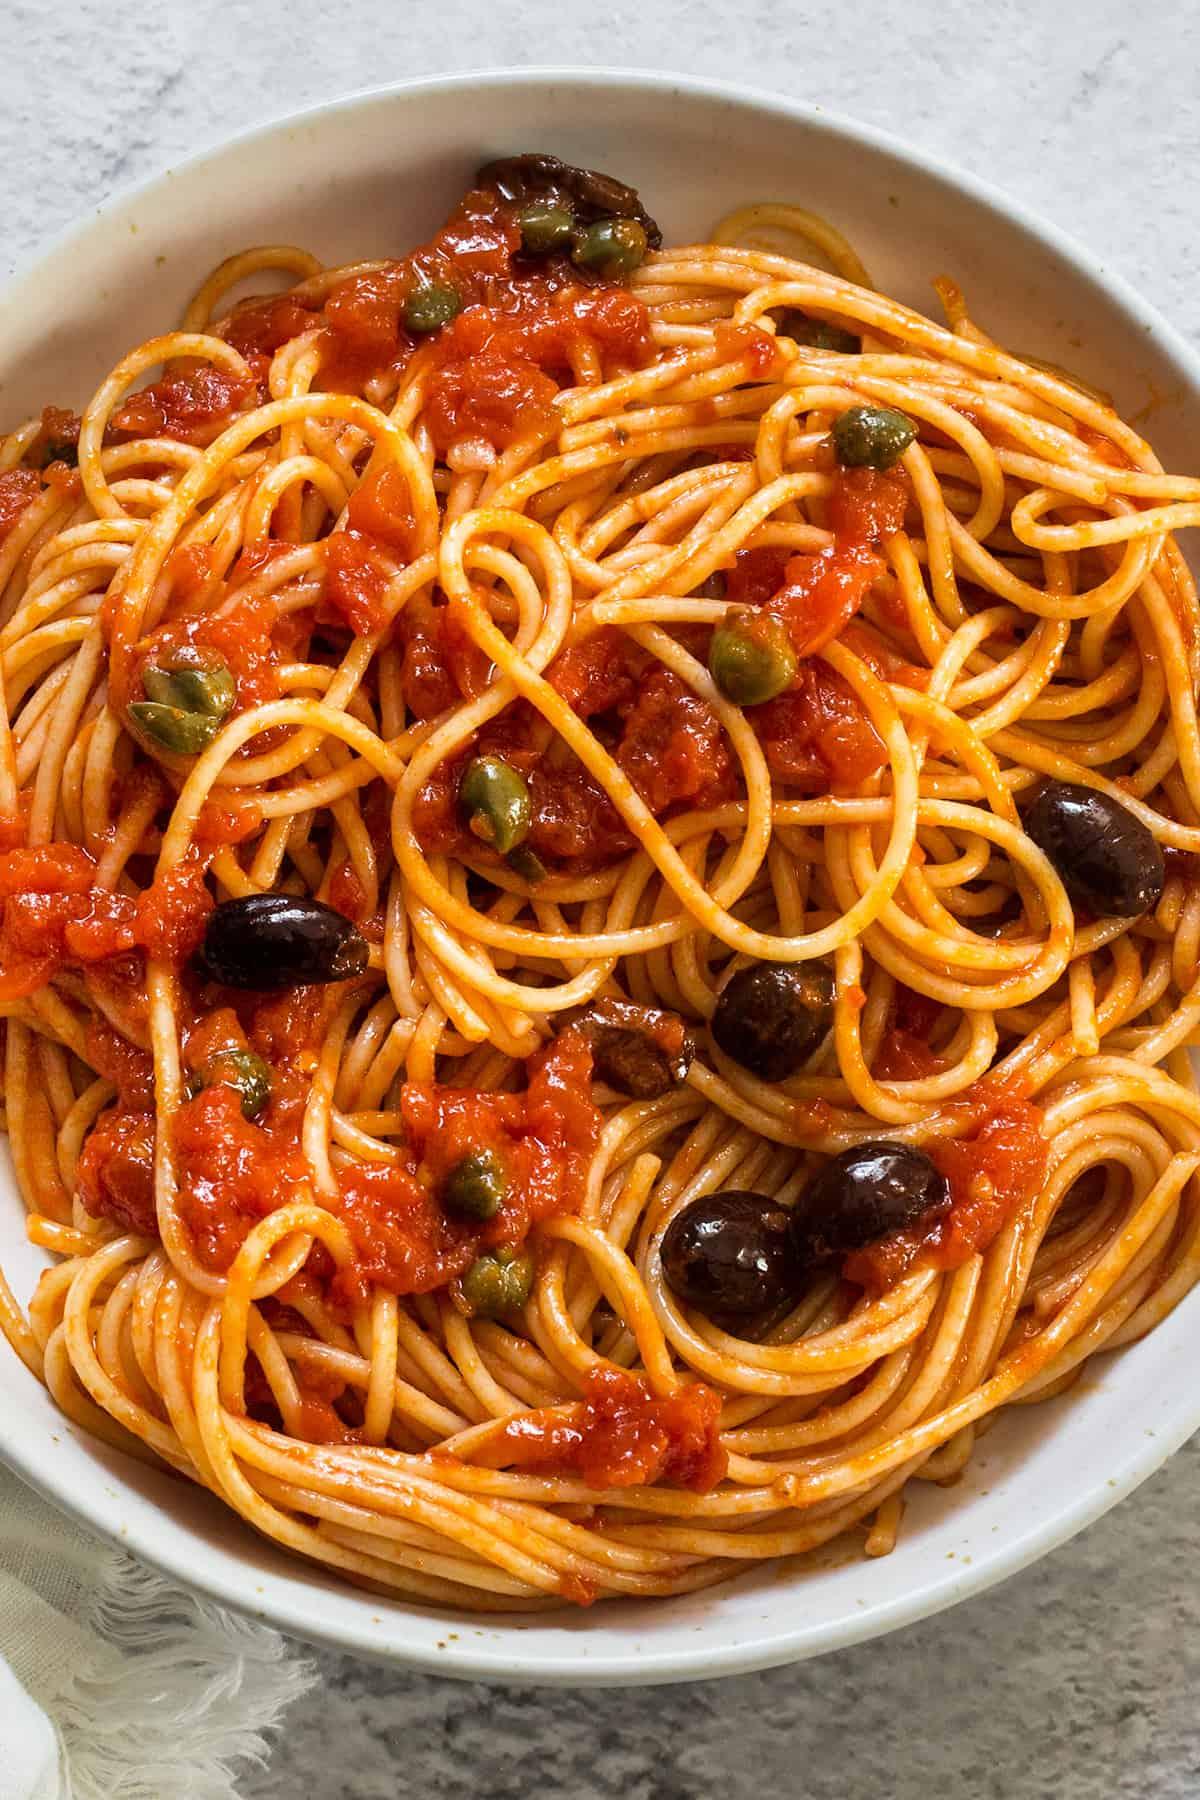 A close uo on a plate with spaghetti alla puttanesca.